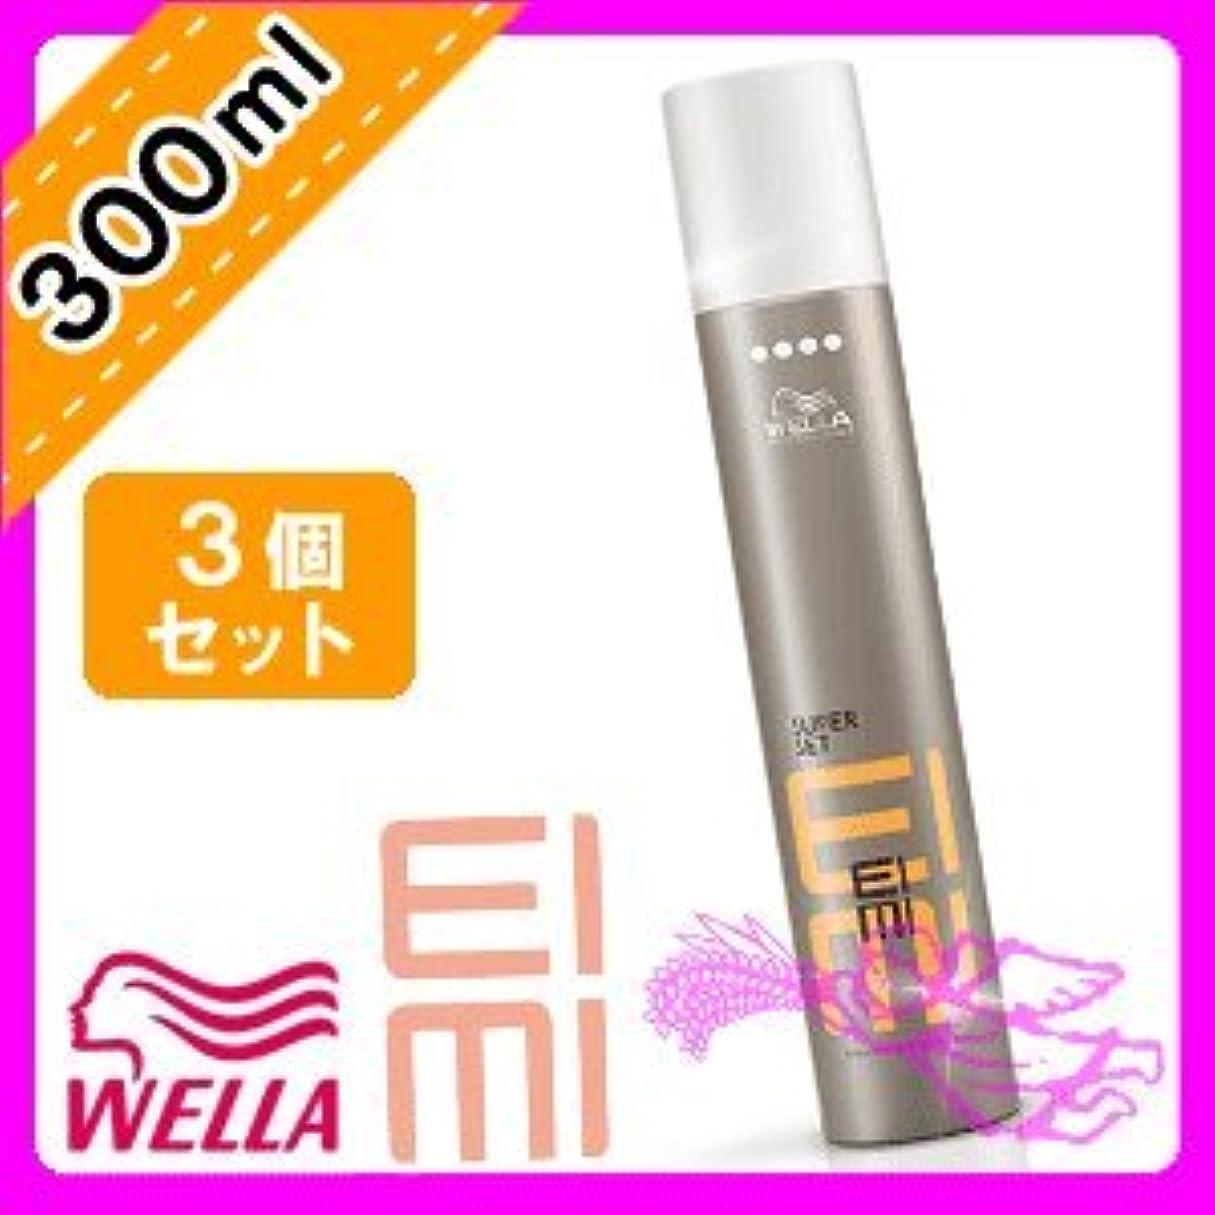 光白内障名詞ウエラ EIMI(アイミィ) スーパーセットスプレー 300ml ×3個 セット WELLA P&G